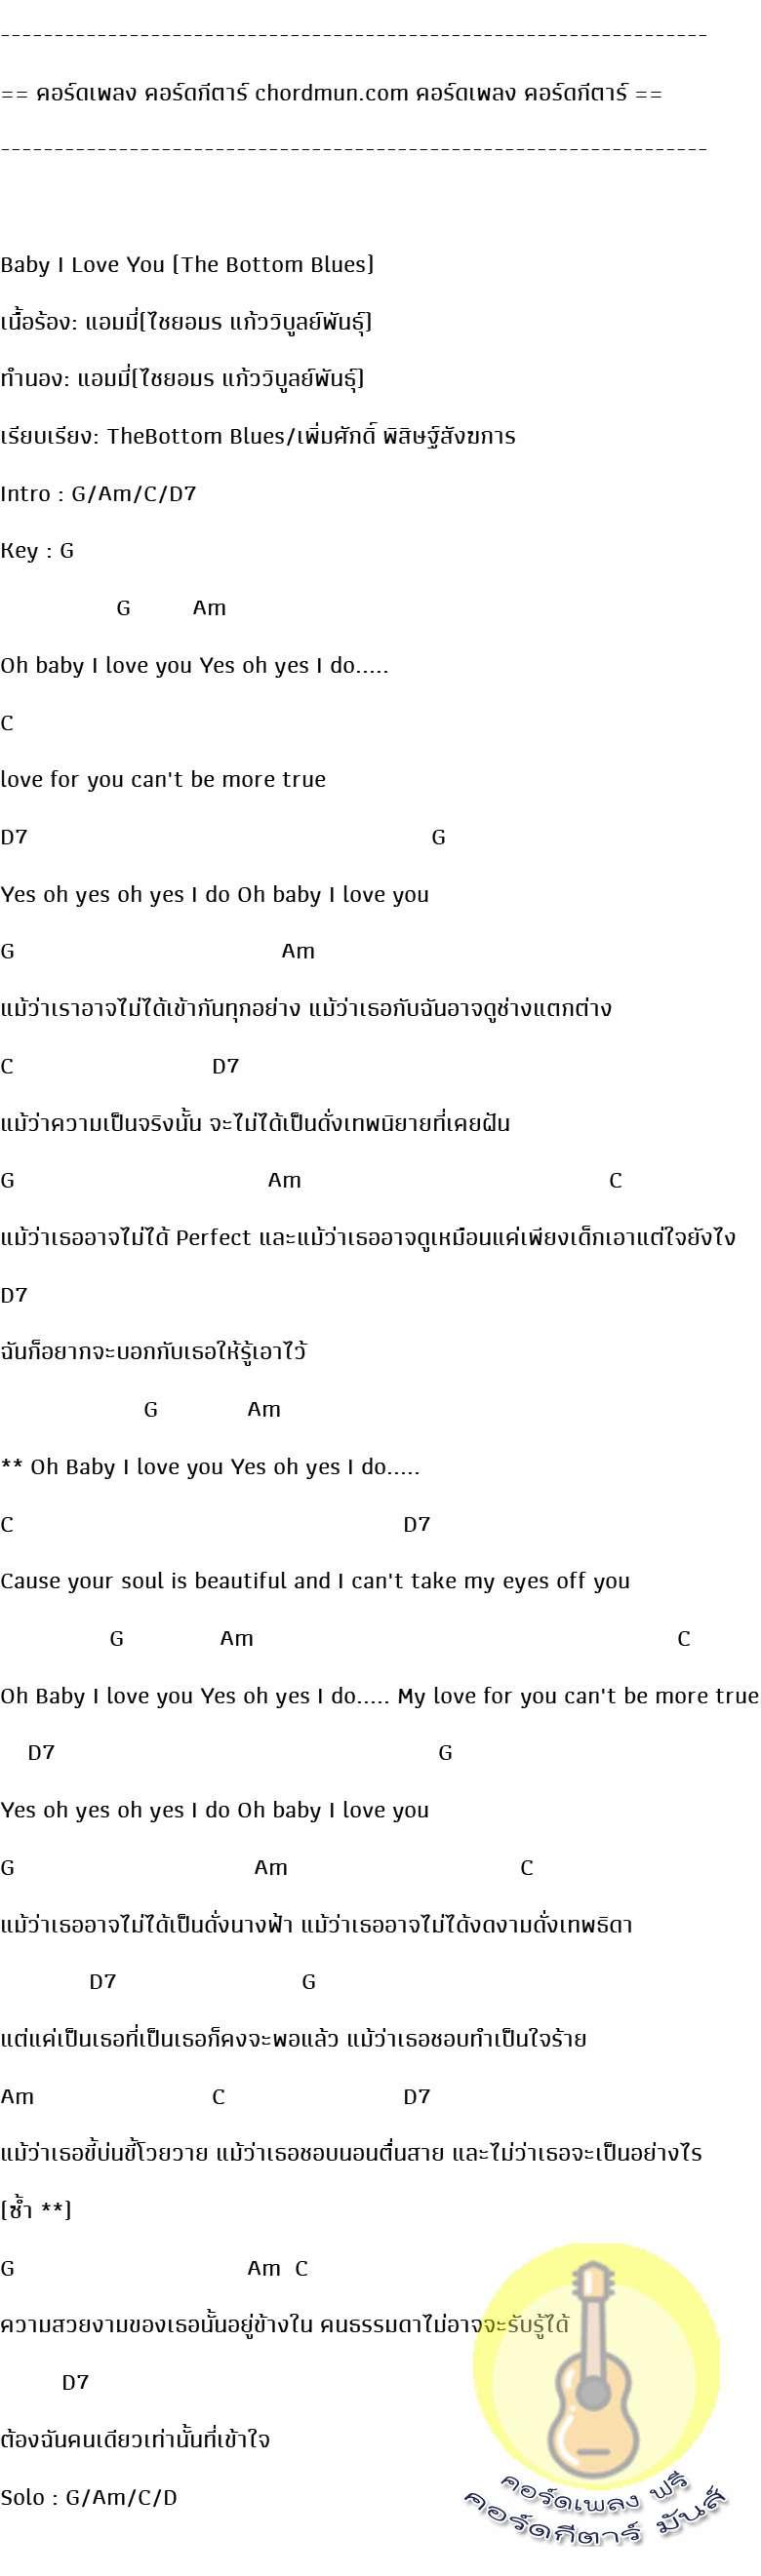 คอร์ดกีต้าร์มือใหม่  เพลง Baby I Love You